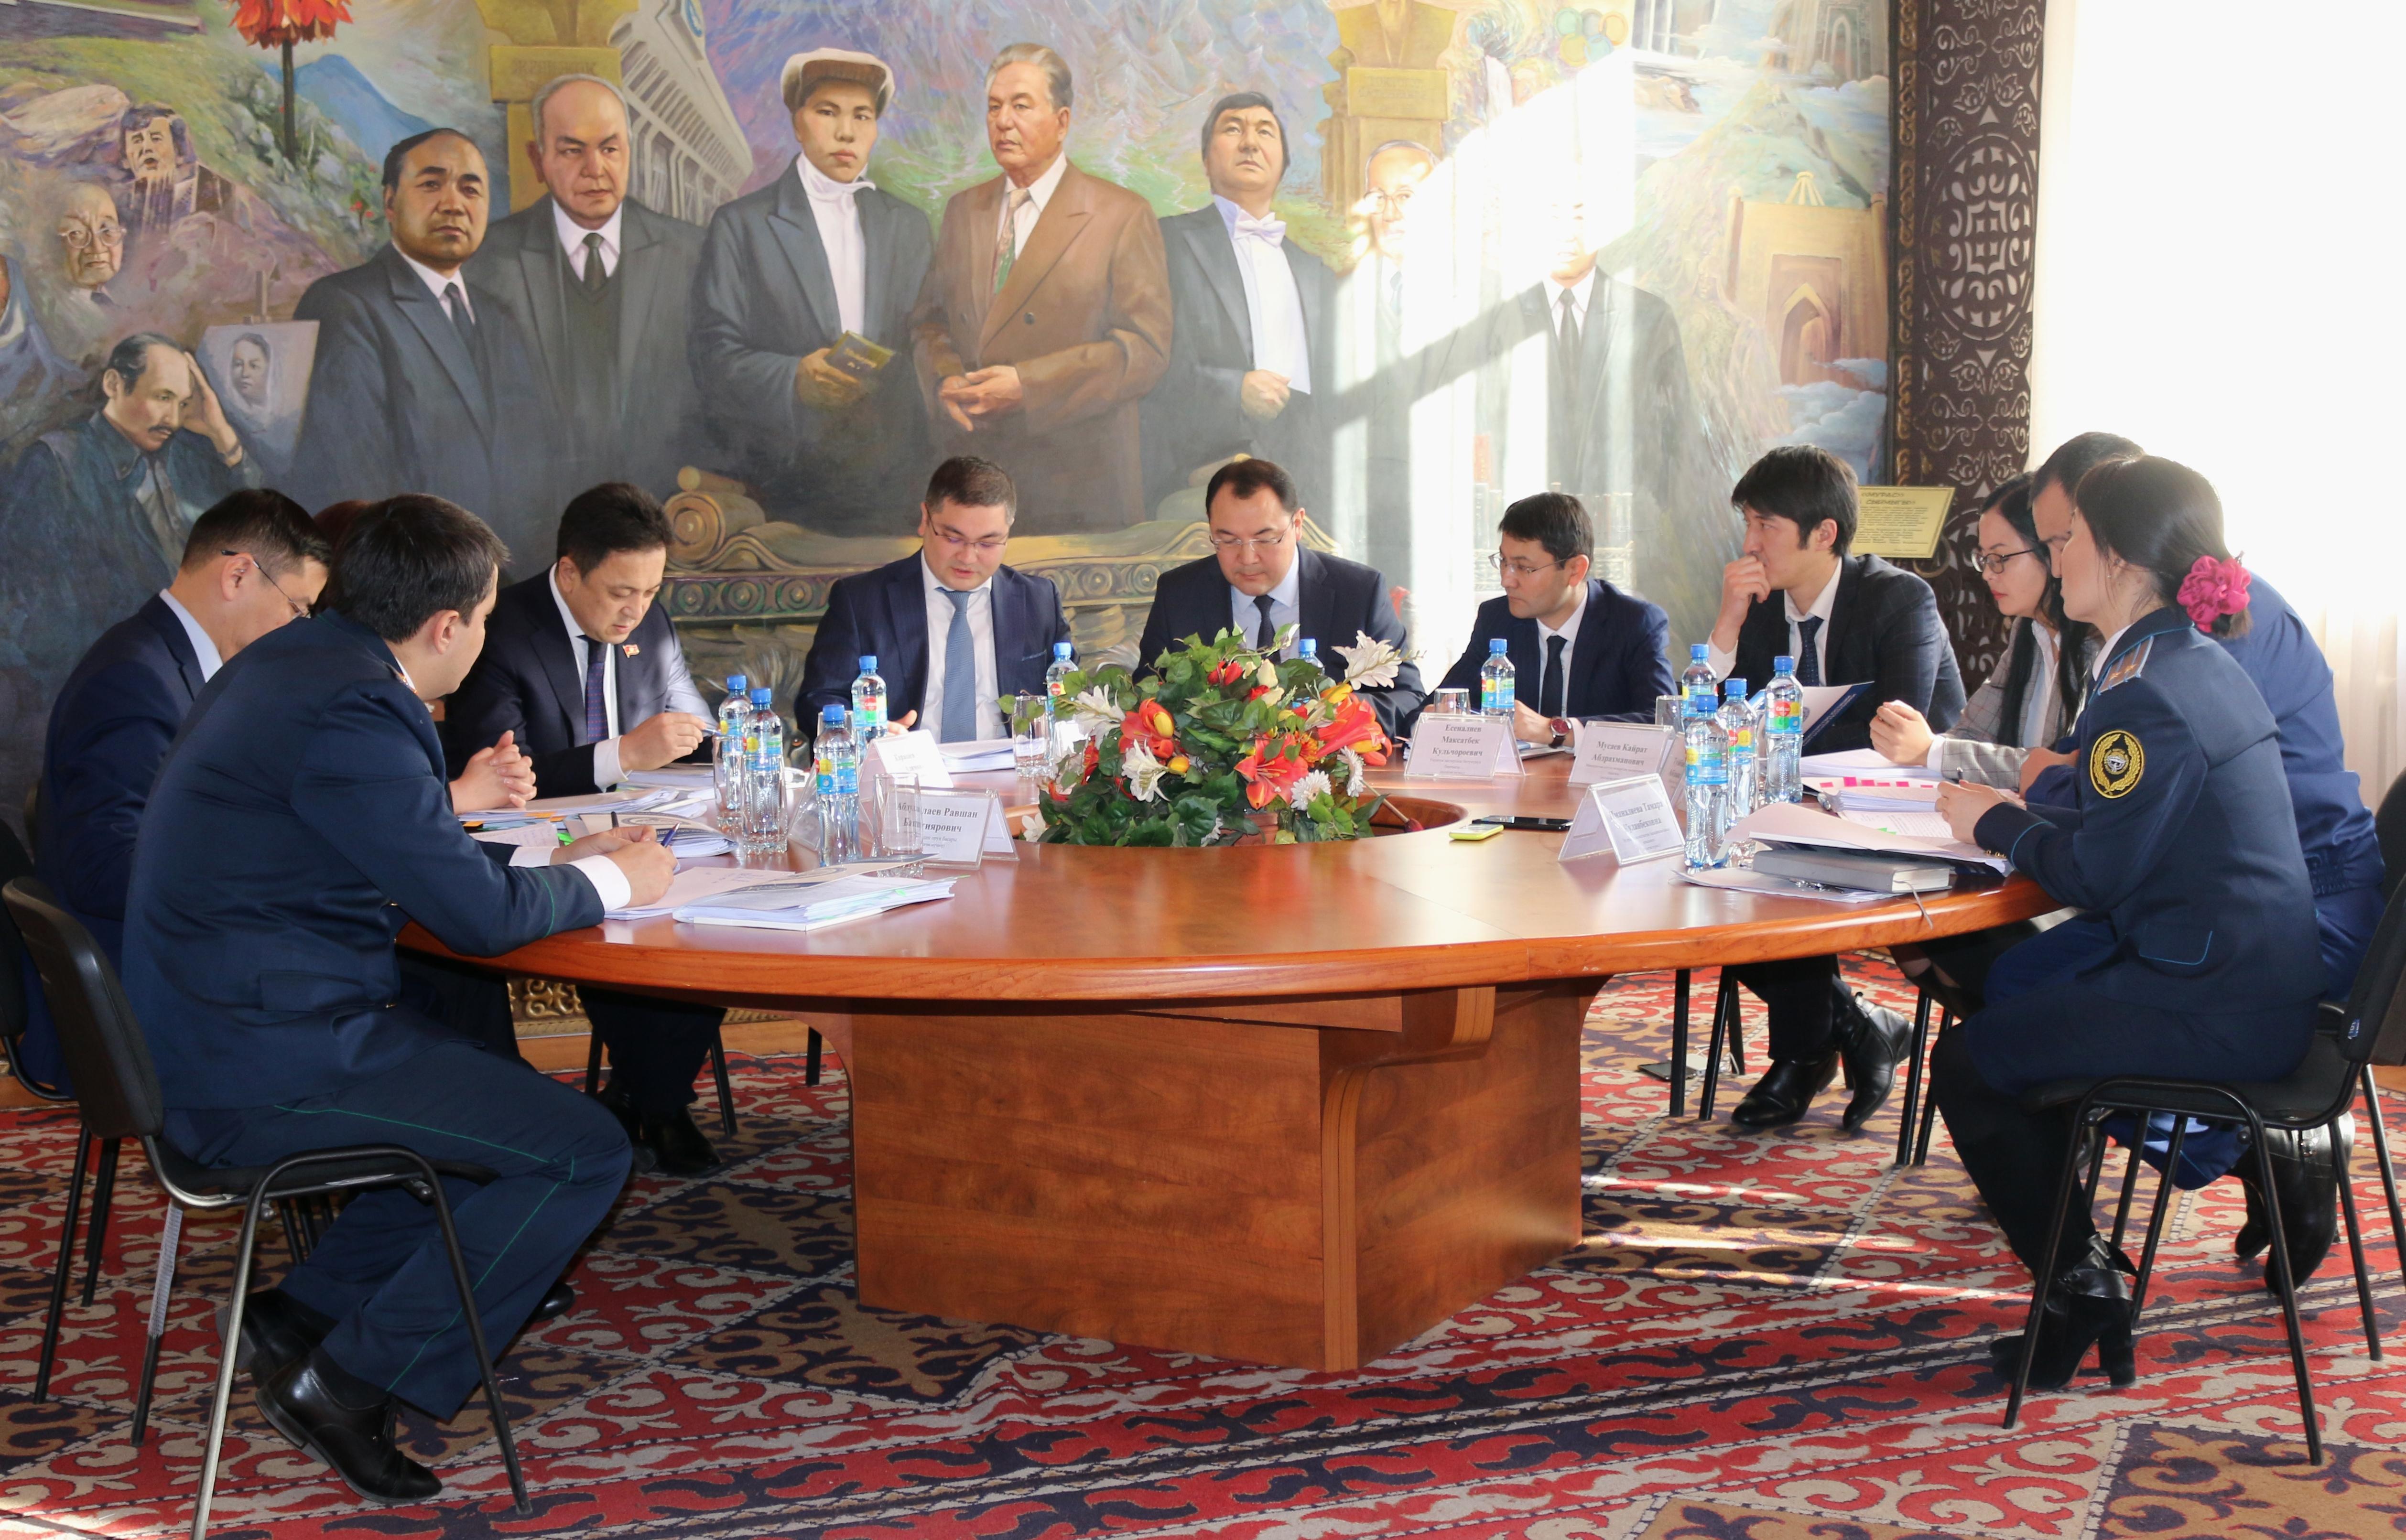 Состоялась коллегия Министерства юстиции Кыргызской Республики по итогам деятельности за 2017 год